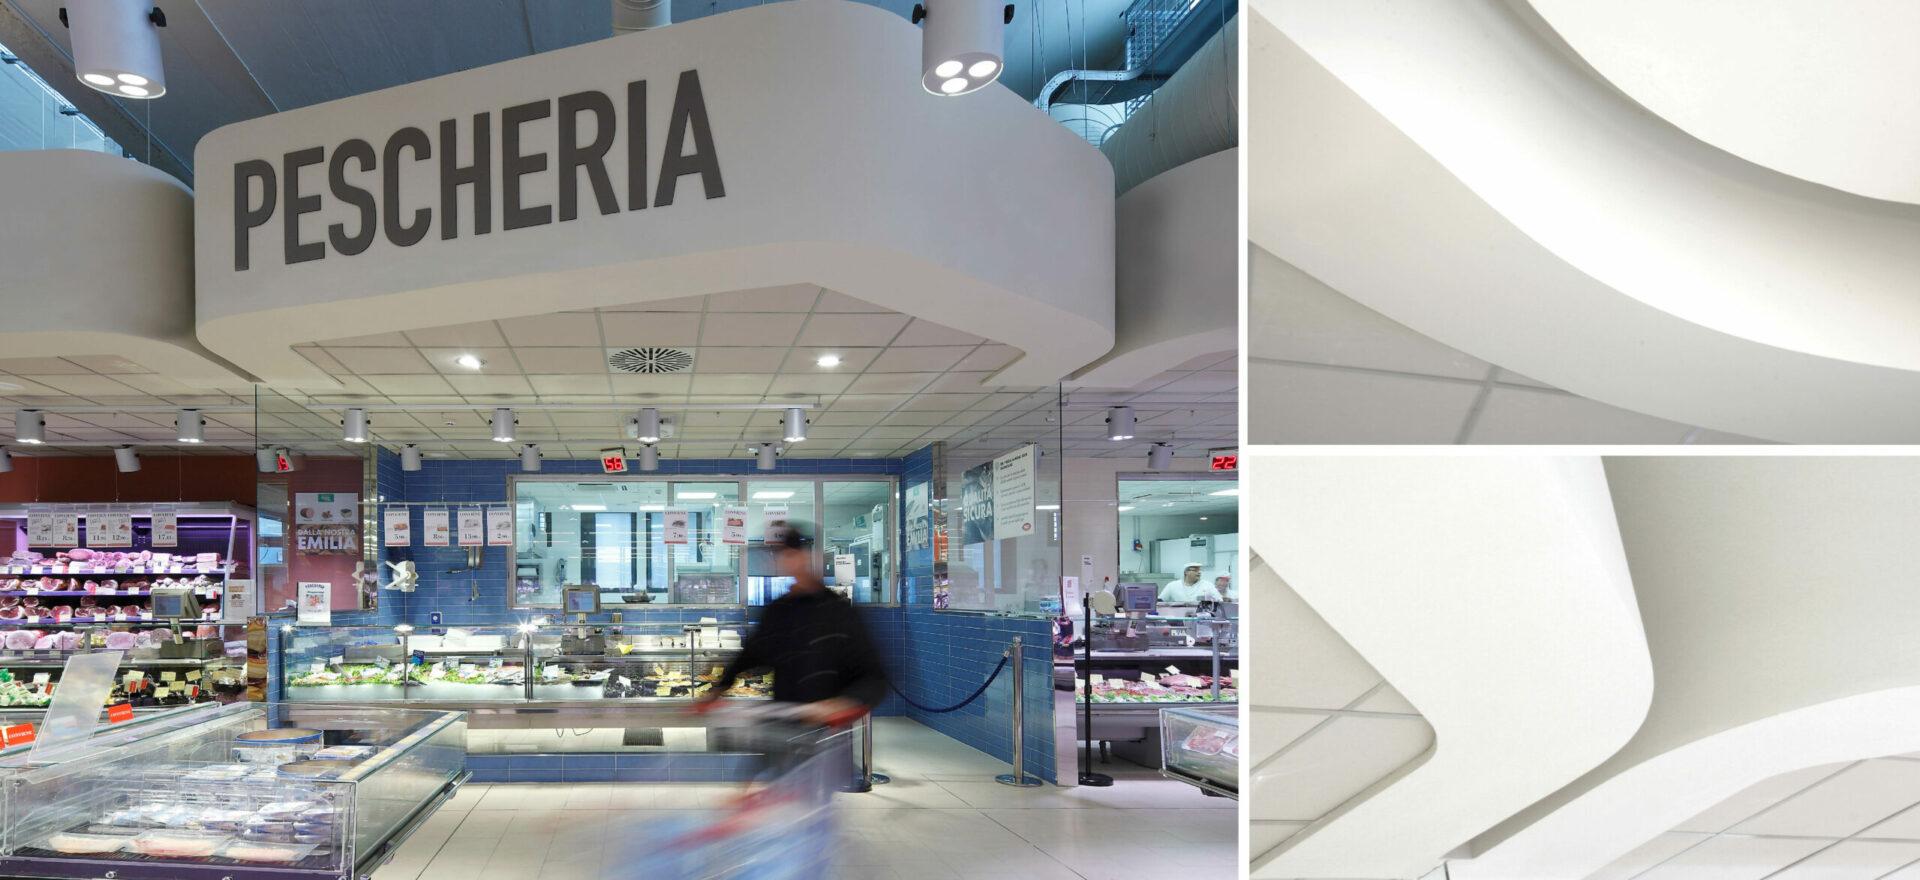 Pescheria | Graphic & Interior Design | Branding | Coop Italia| Mario Trimarchi Design | Fragile